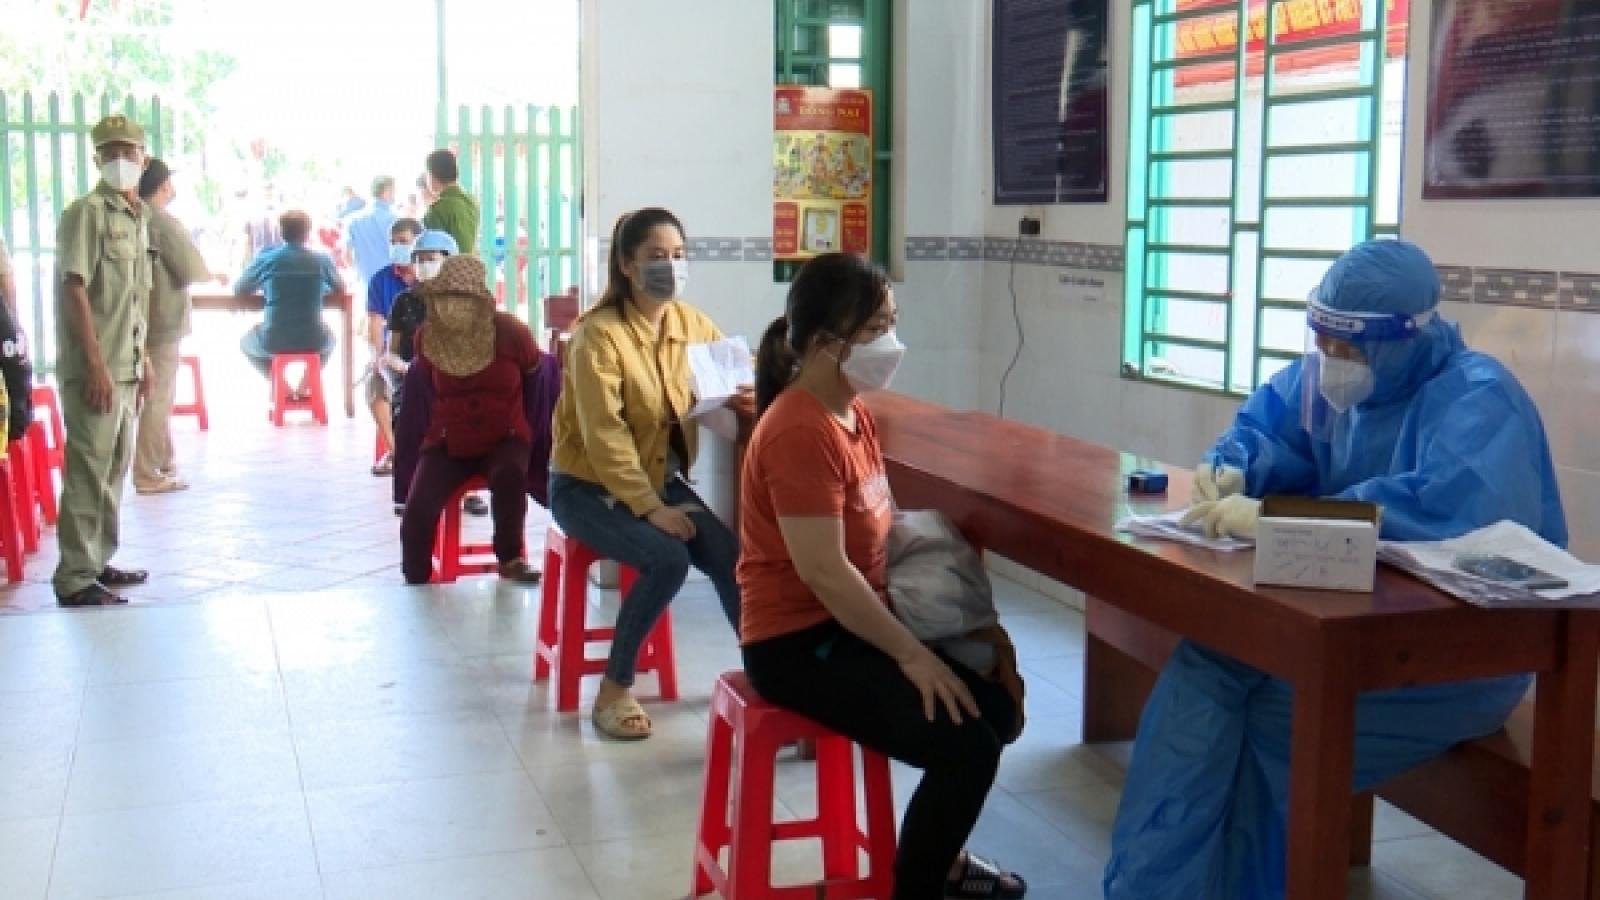 Đồng Nai cho ăn uống tại chỗ không quá 50% công suấttừ ngày 24/10